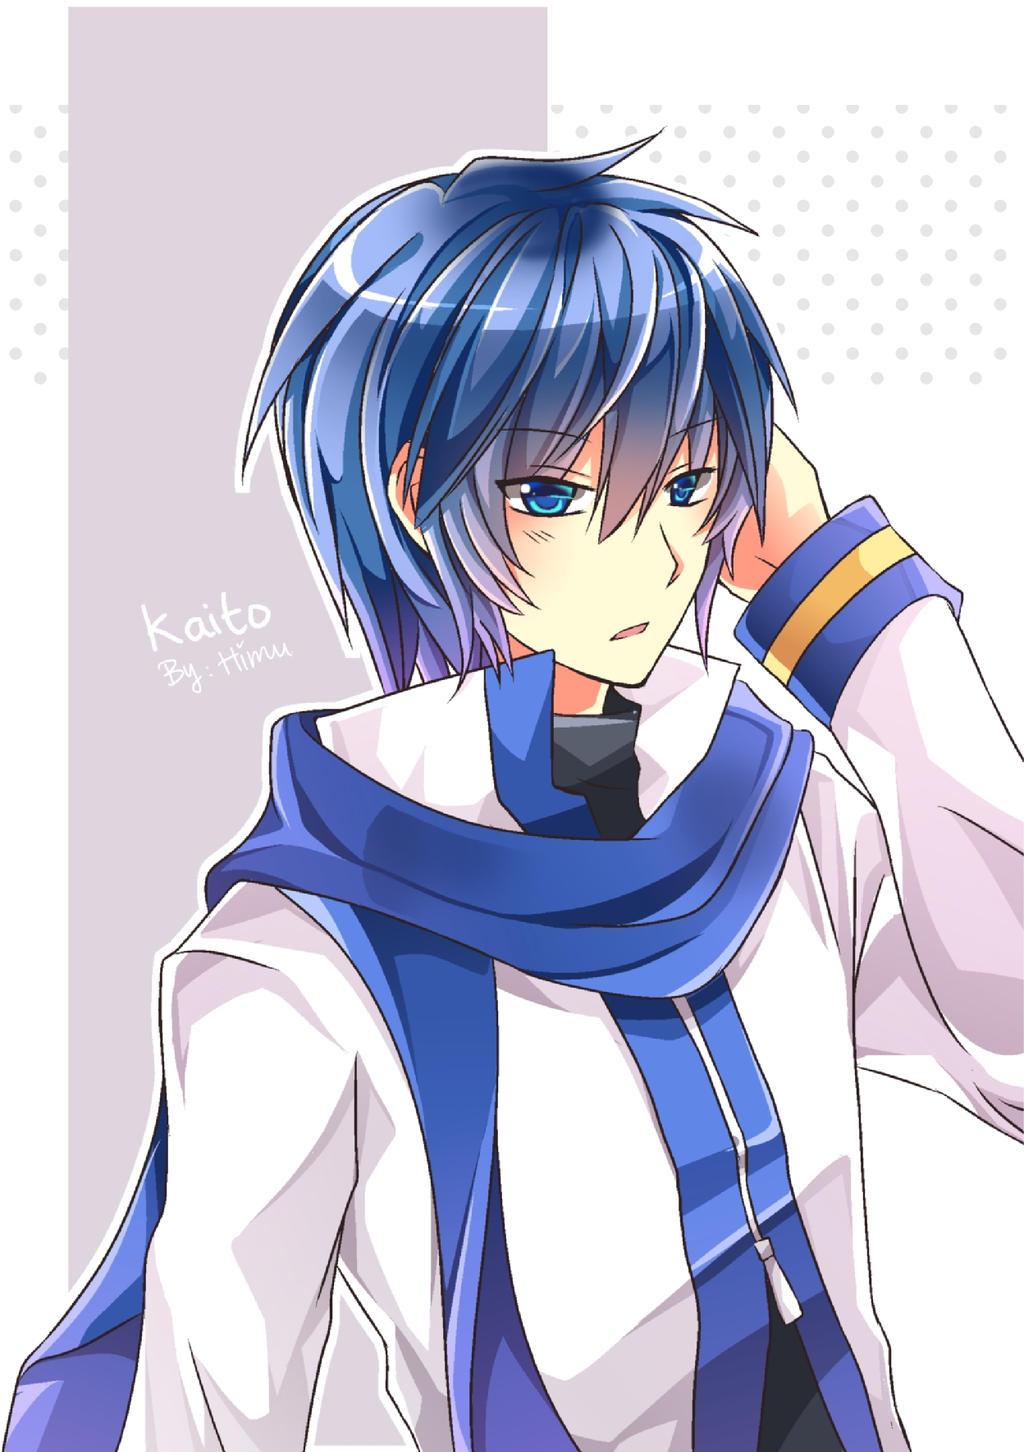 FA Kaito Vocaloid by HimuHimu on DeviantArtVocaloid Kiaito